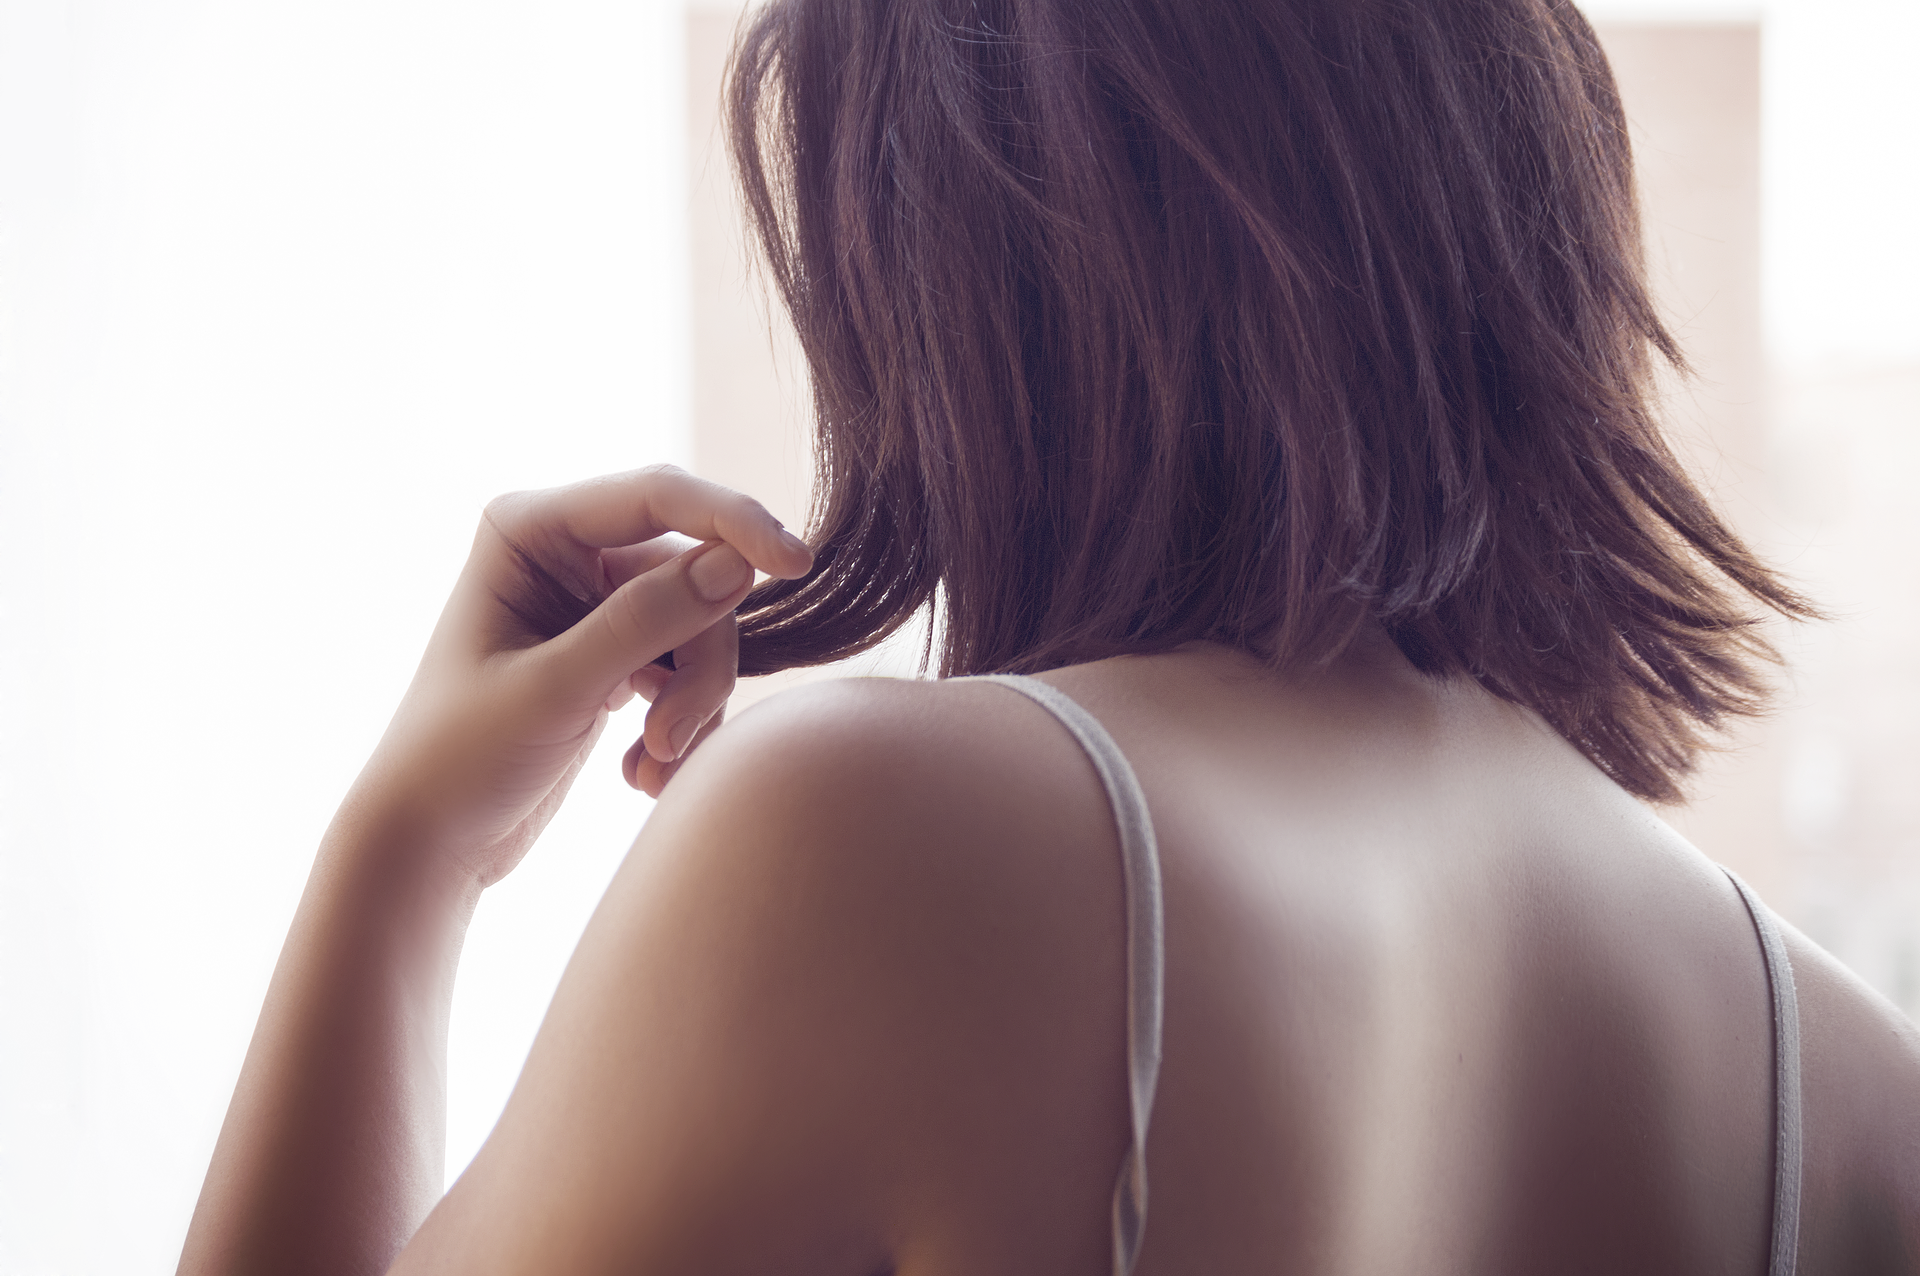 Come diventare trans: le 3 fasi del percorso per cambiare sesso